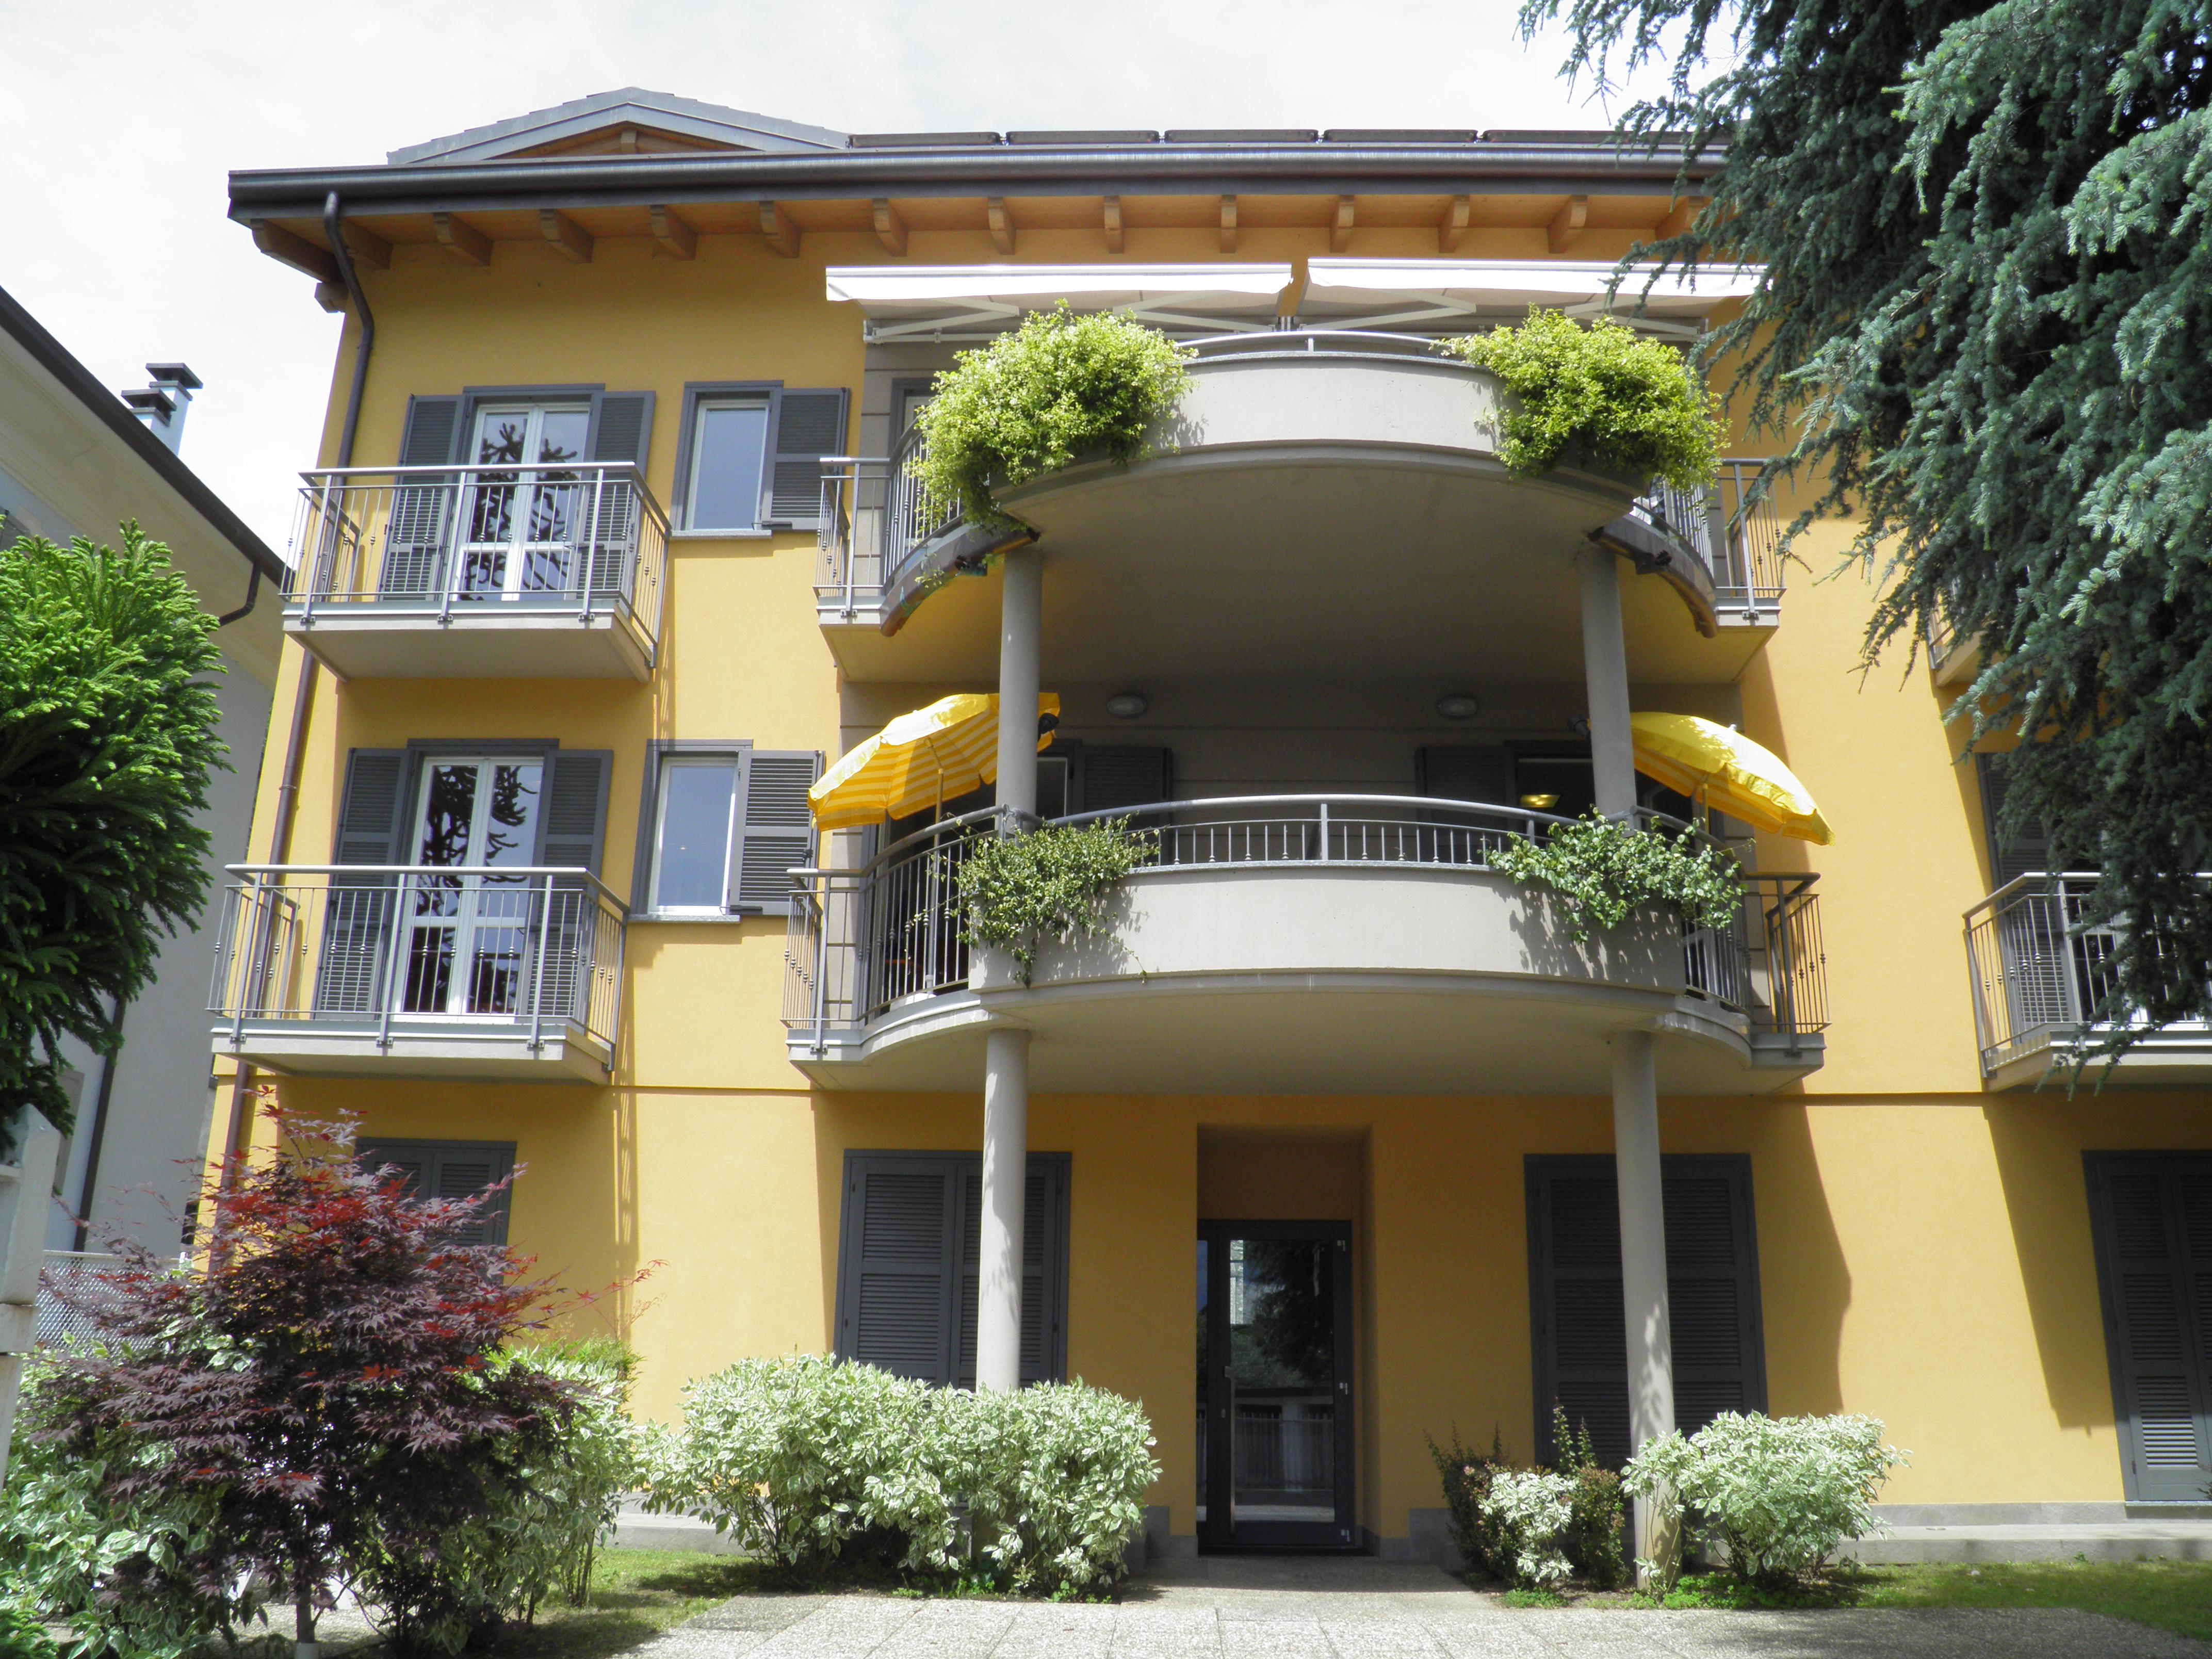 Bilder Ferienwohnung Comer See Cedro_207_Domaso_55_Haus in Lombardei